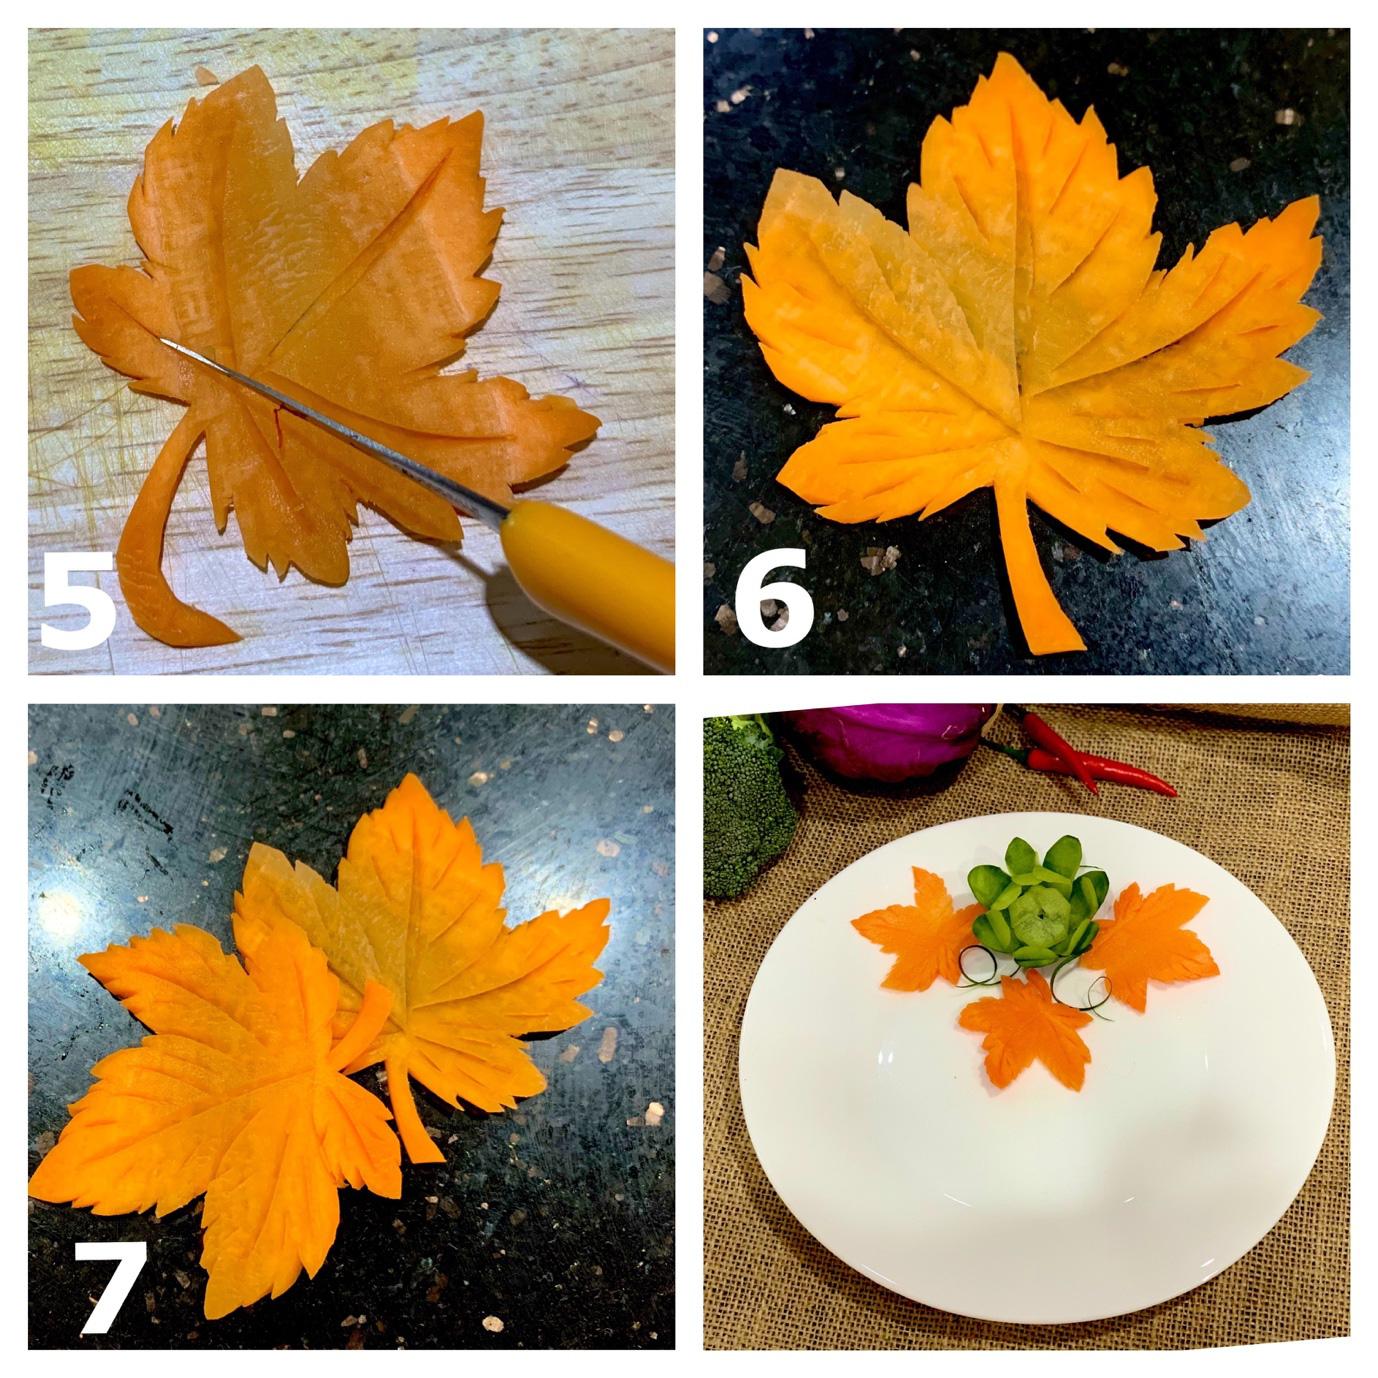 Việt Nam không có lá phong, học ngay cách cắt tỉa cà rốt thành lá phong trang trí đĩa ăn thật lãng mạn - Ảnh 4.